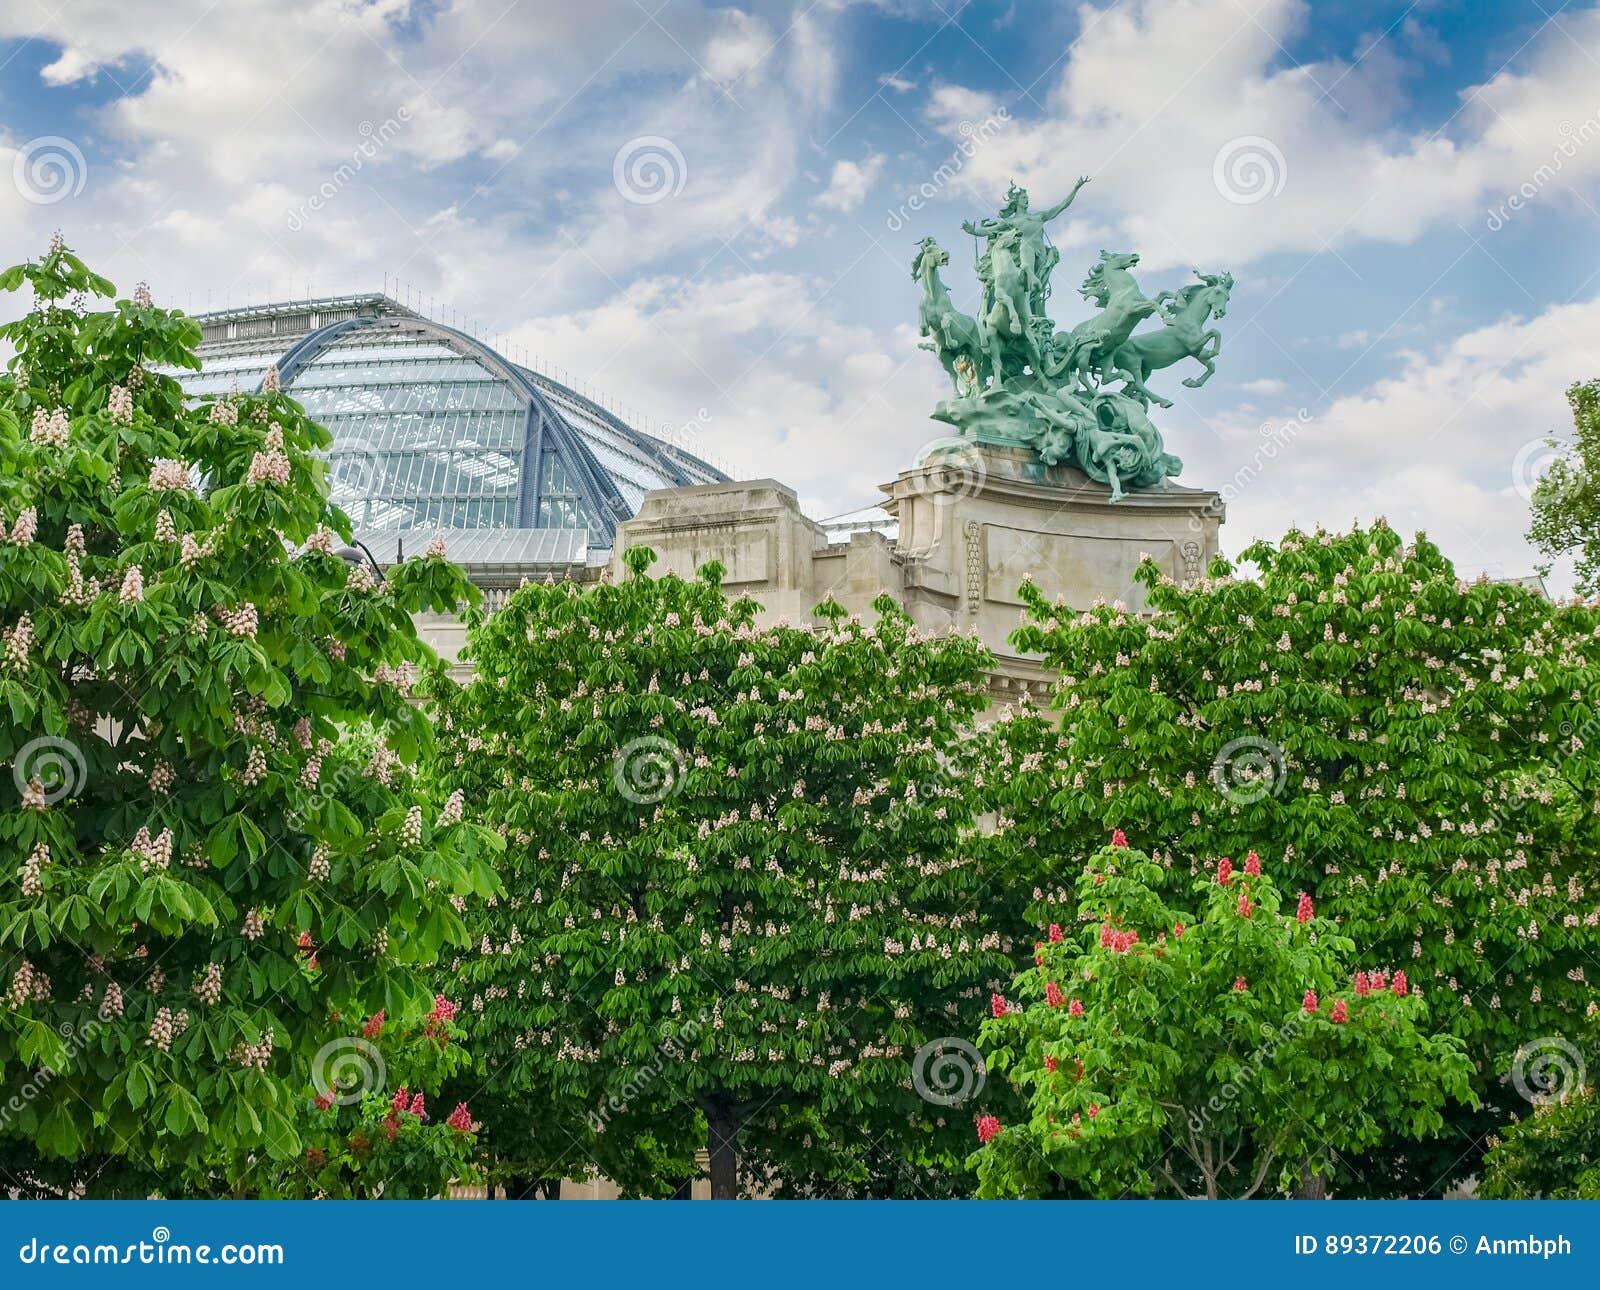 Allegorisch standbeeld en gewelfd dak van Groot Paleis in Parijs